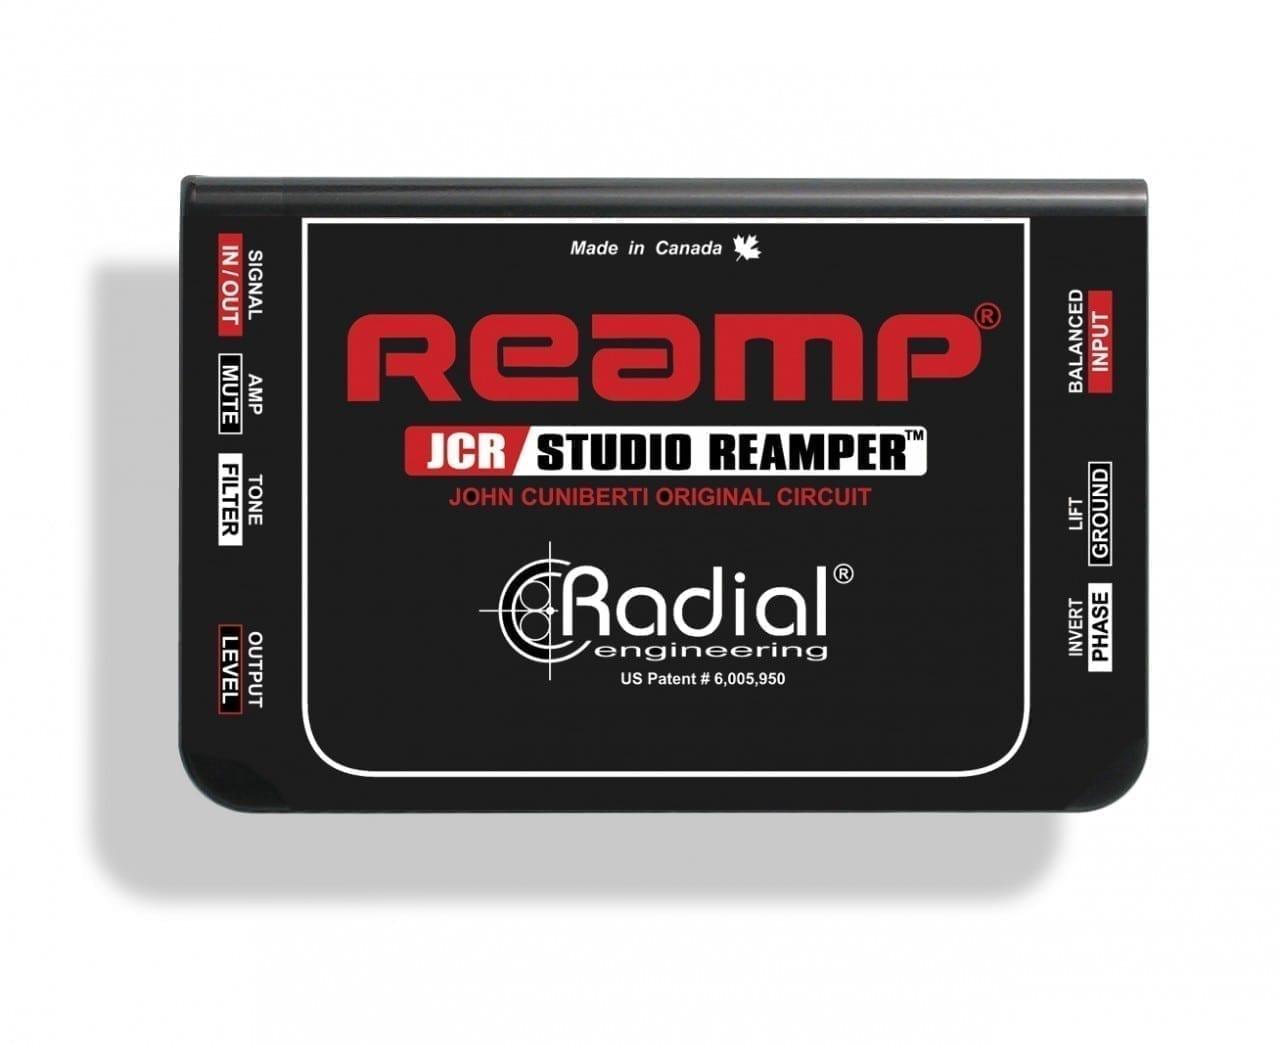 Radial Reamp JCR